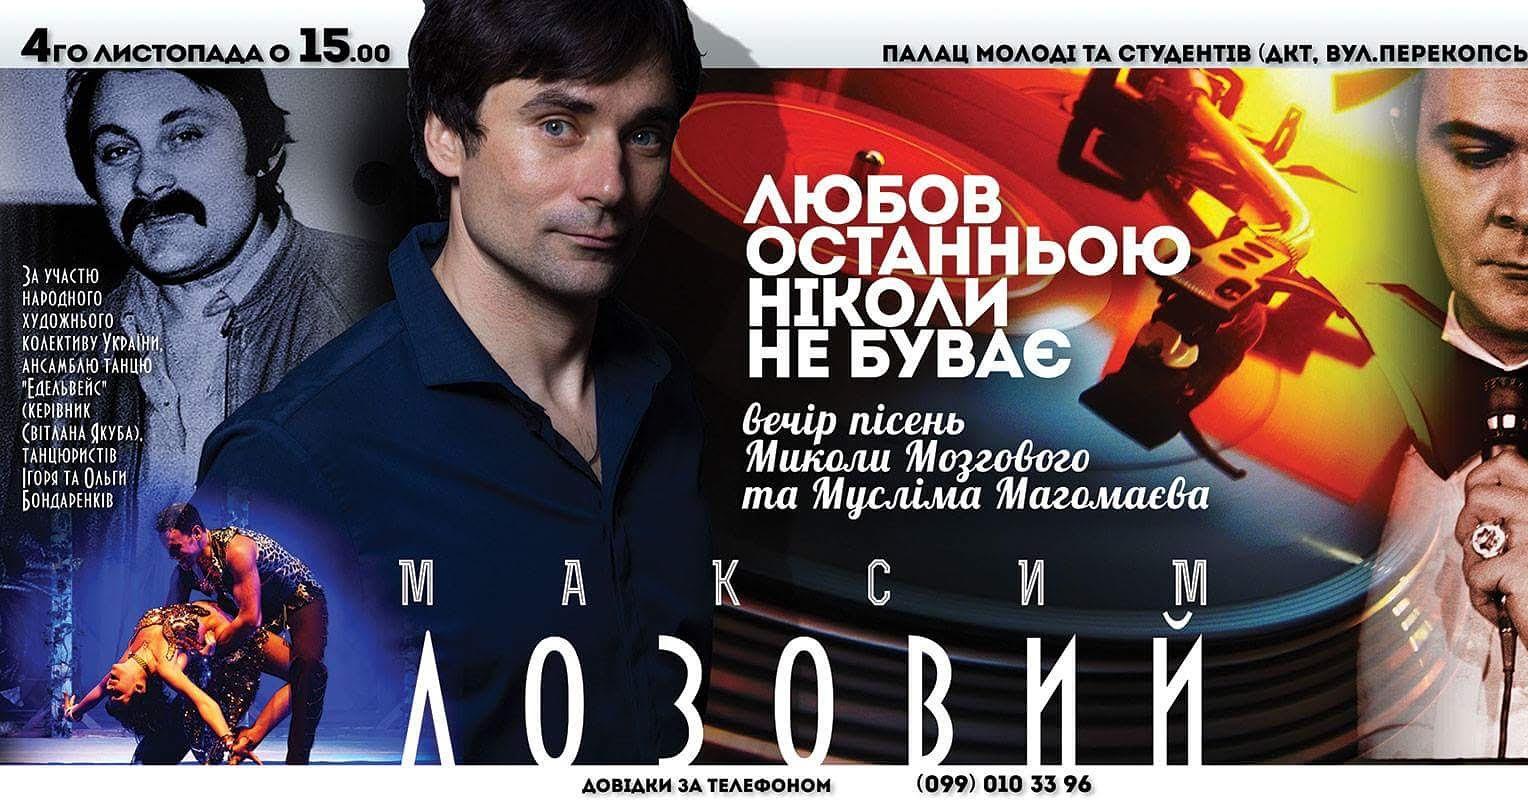 Відомий спортивний журналіст Херсонщини та один з кращих баритонів країни Максим Лозовий дасть свій концерт у Палаці молоді та студентів міста Херсону!